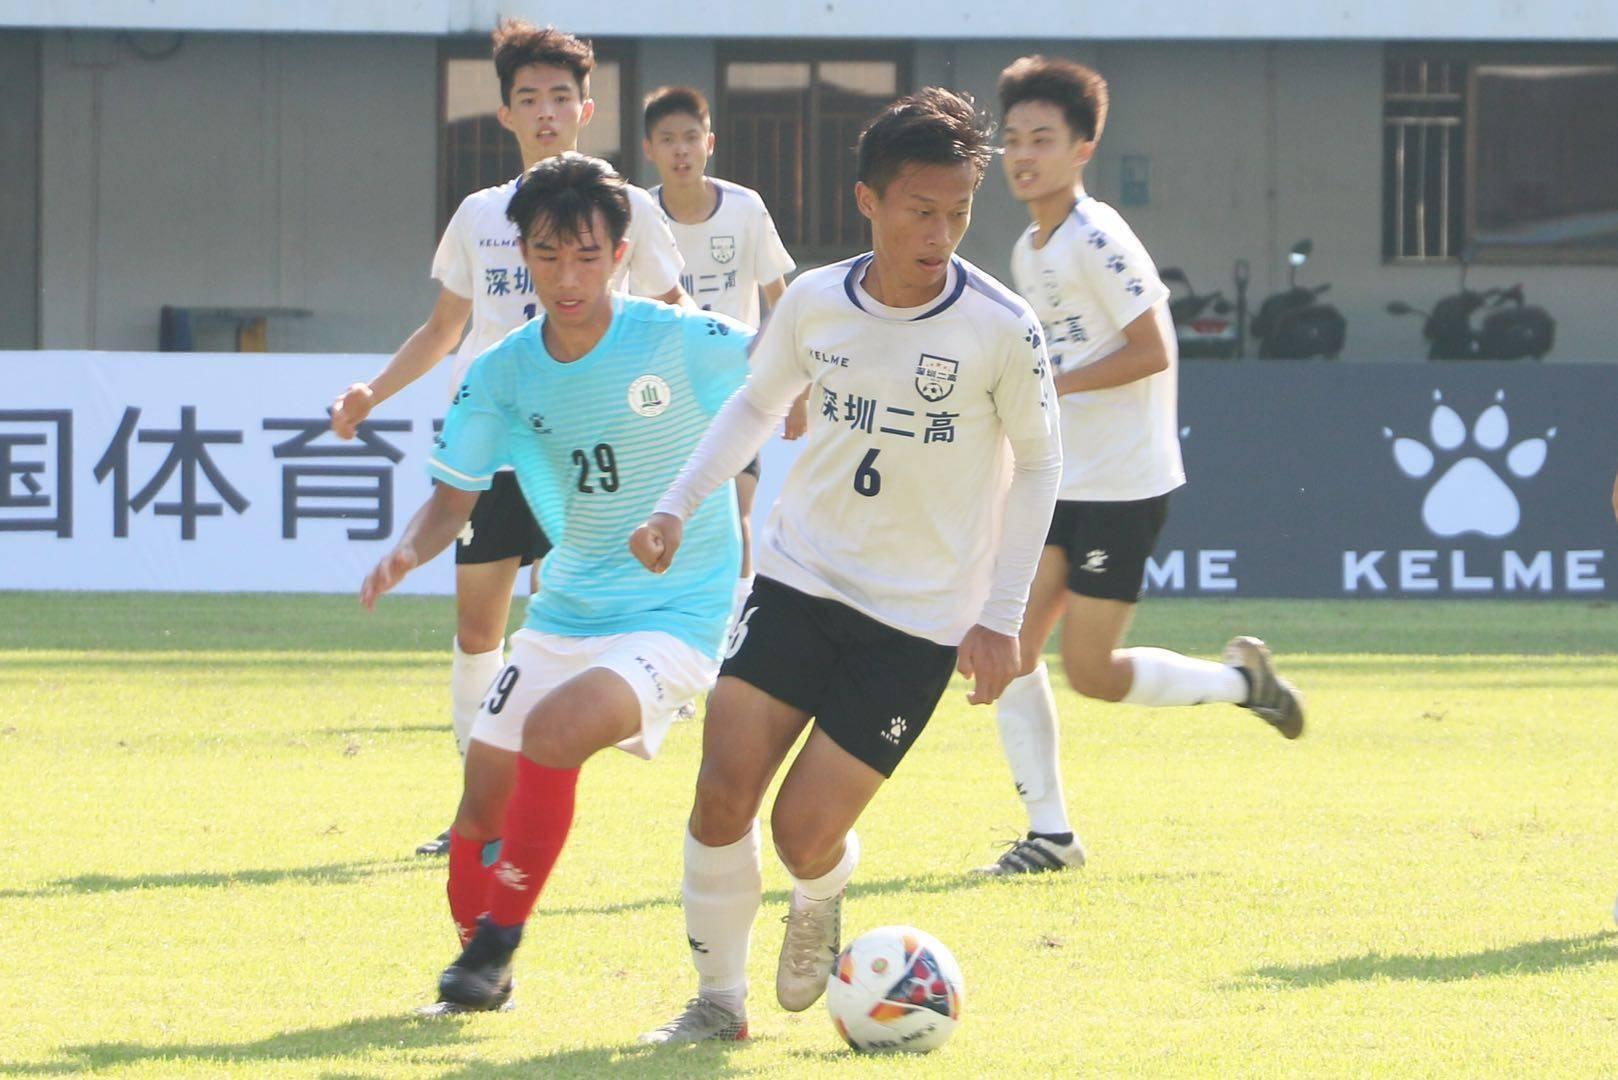 中国体育彩票深圳市青少年足球锦标赛落幕